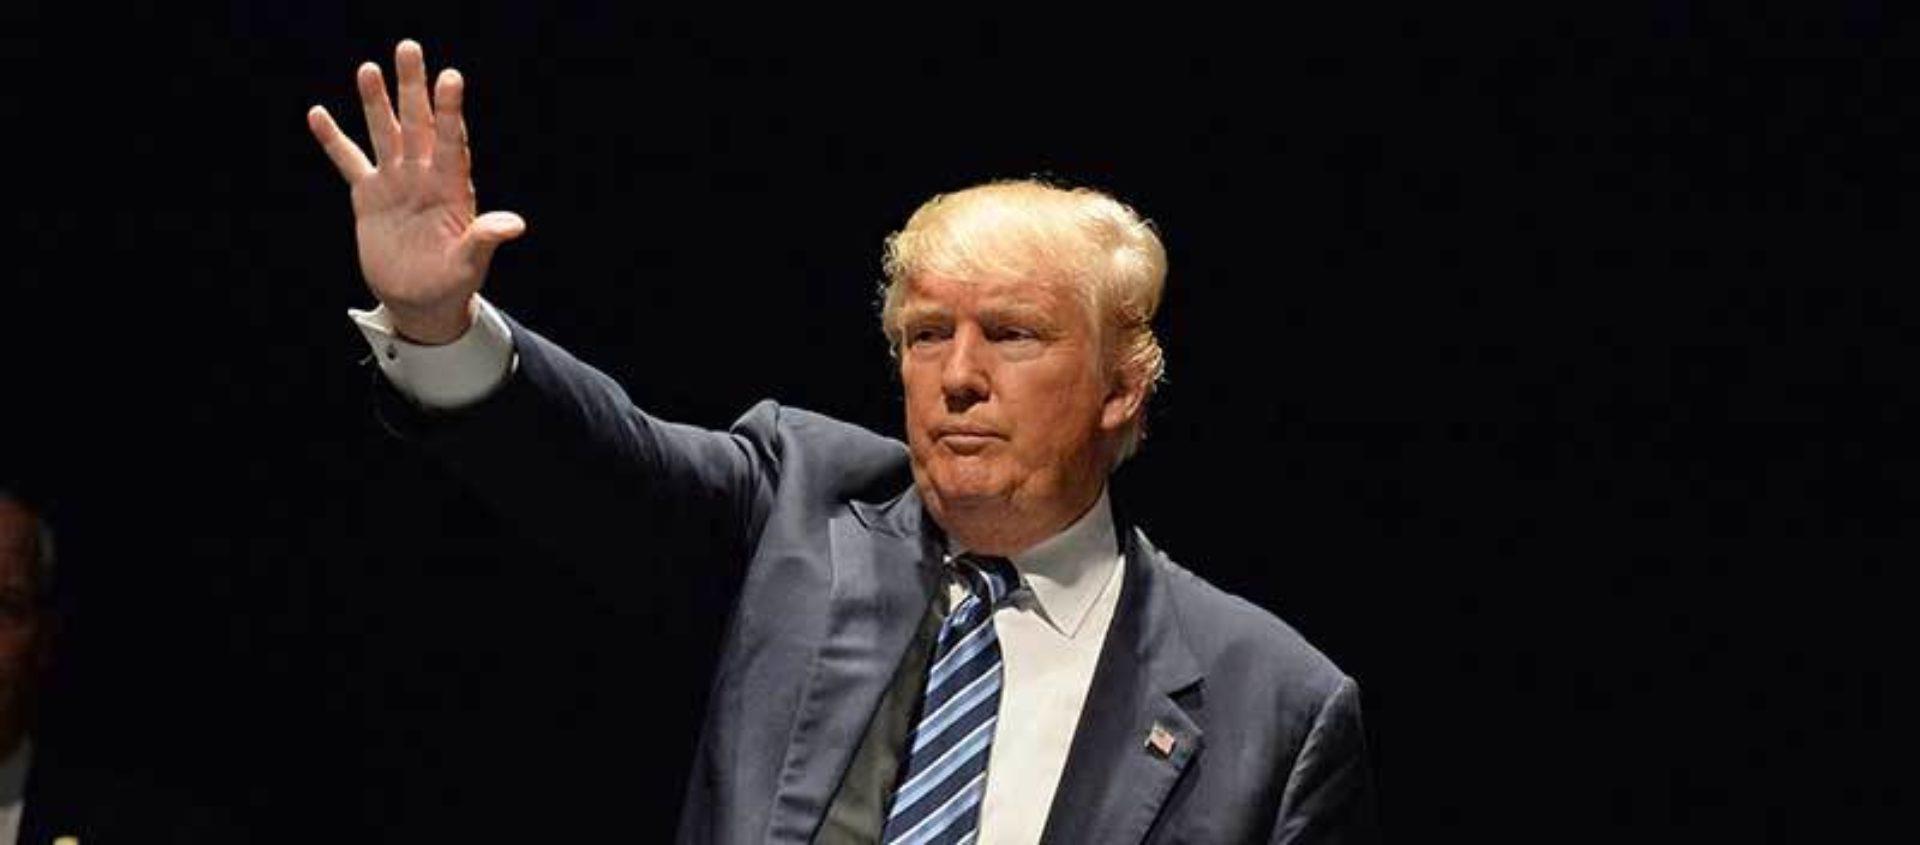 Donald Trump: het enfant terrible van de westerse politiek